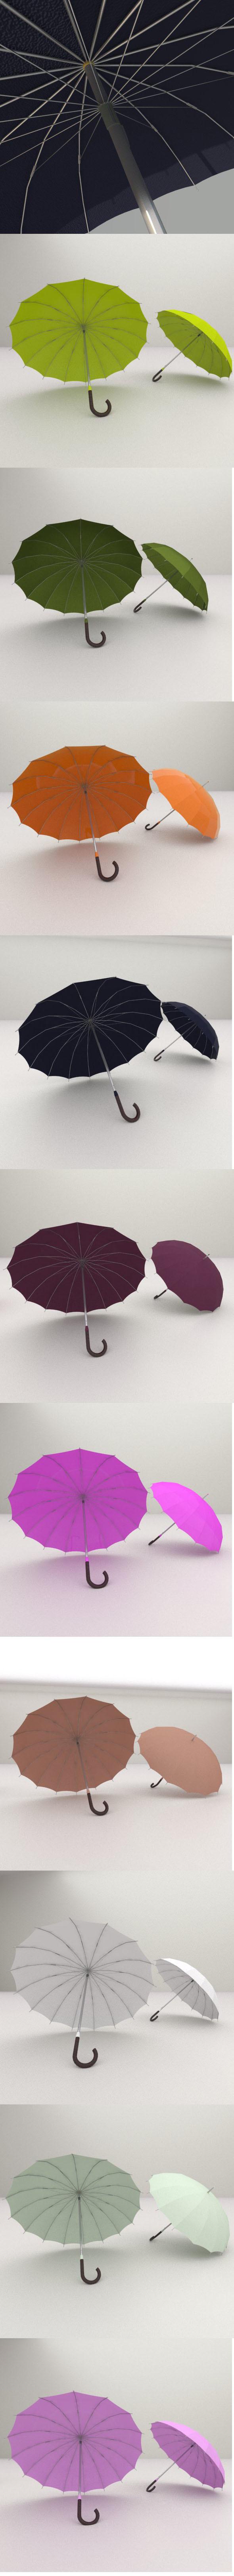 10 Umbrellas  package - 3DOcean Item for Sale